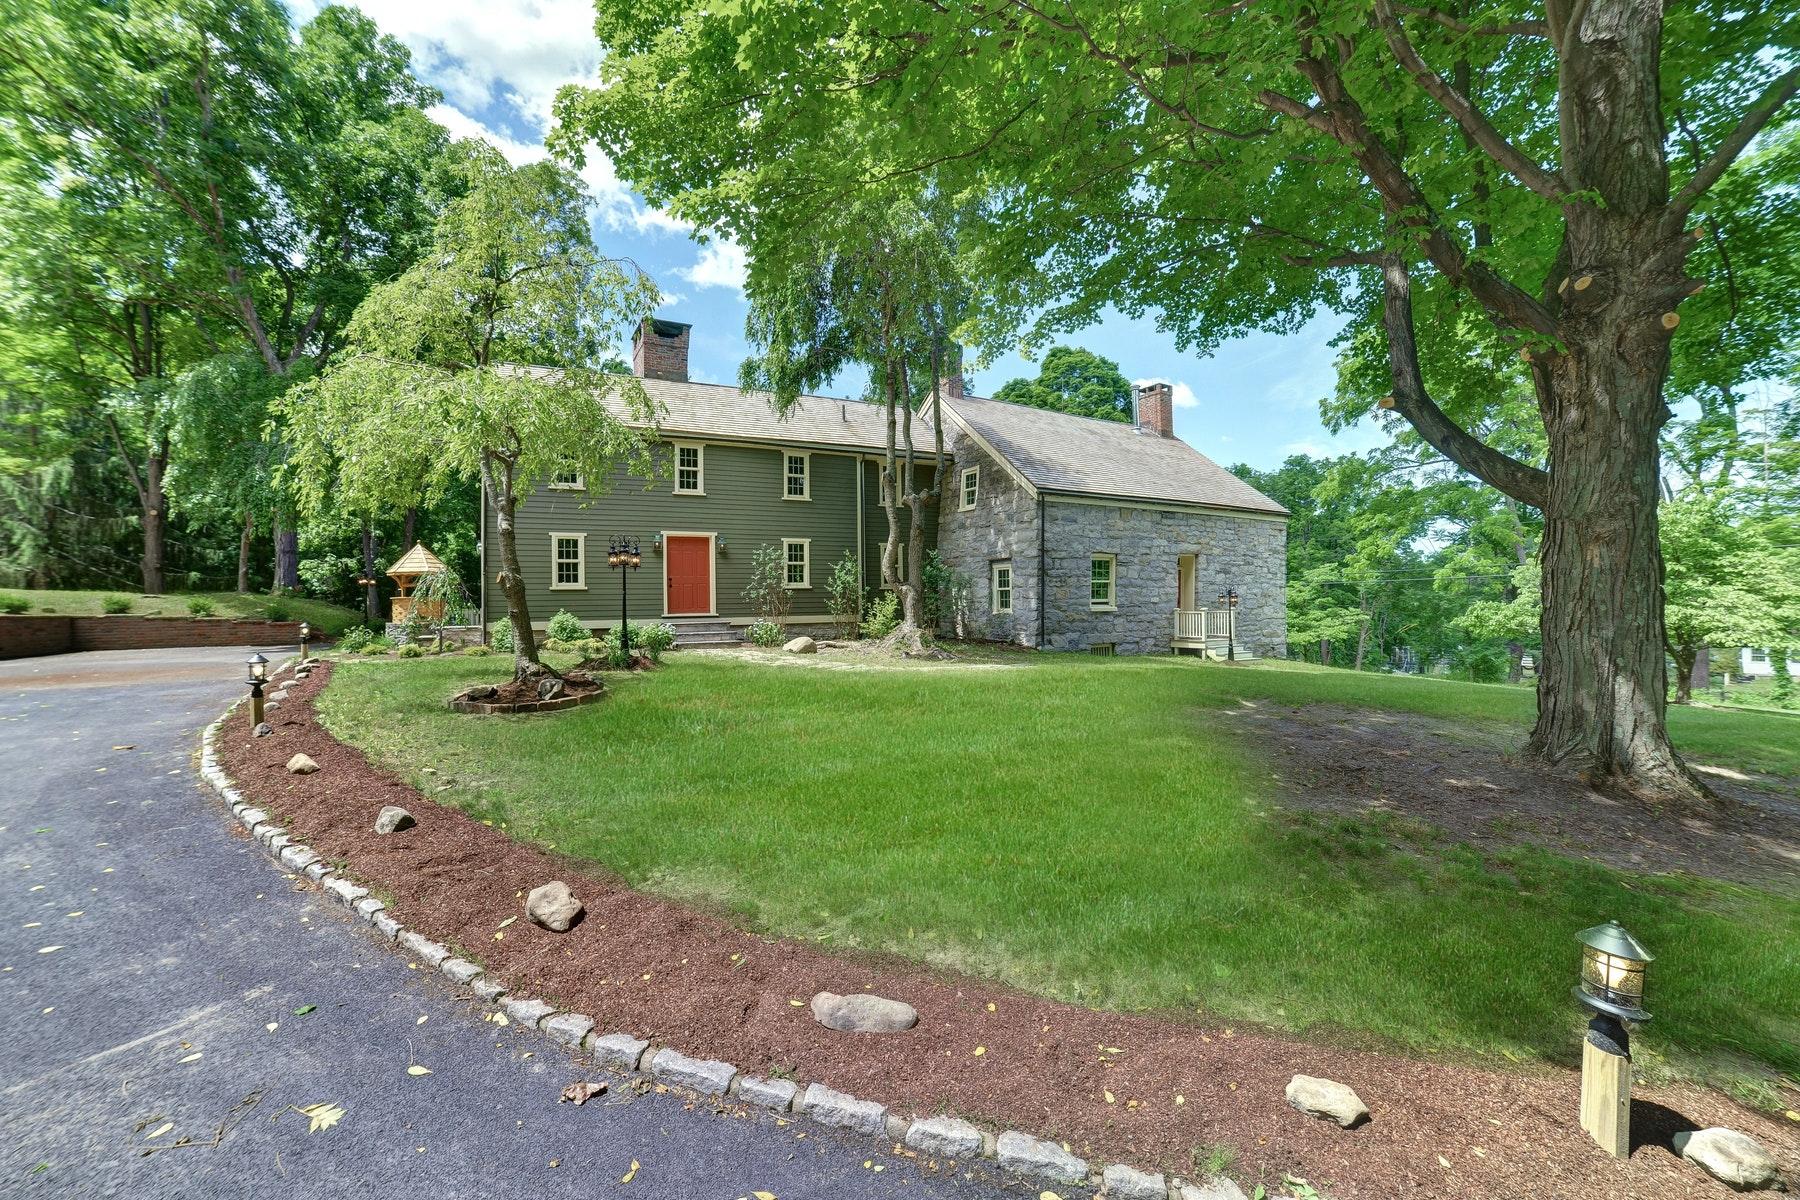 Casa Unifamiliar por un Venta en Revolution Era Antique Home 212 Bellvale Lakes Road Warwick, Nueva York 10990 Estados Unidos